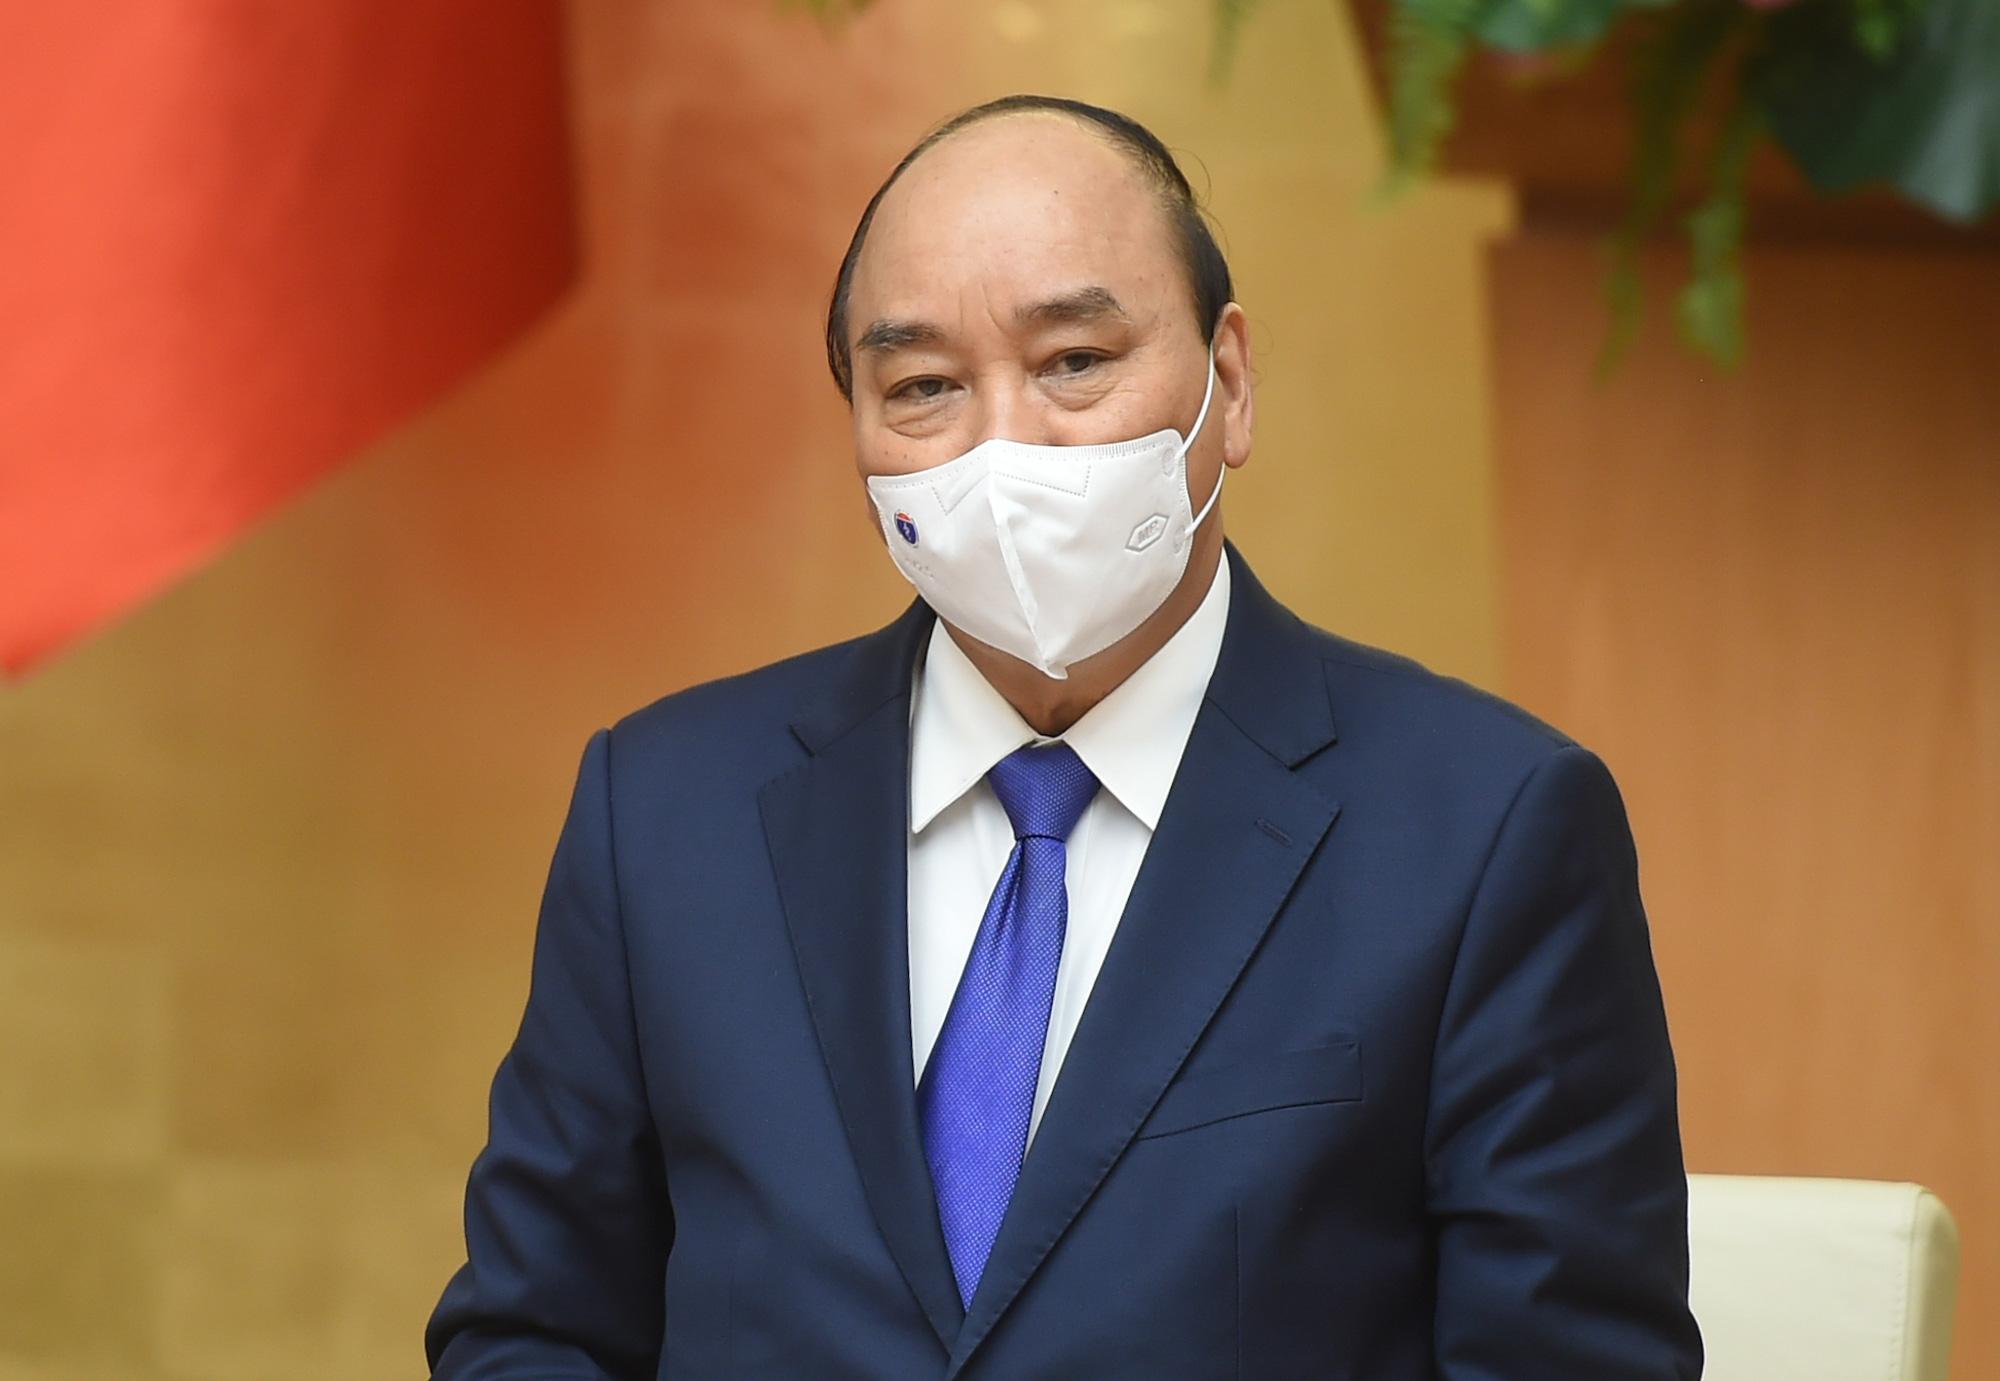 Thủ tướng Nguyễn Xuân Phúc: Chuẩn bị sẵn sàng cách ly lớn khi tình huống xấu xảy ra - Ảnh 1.